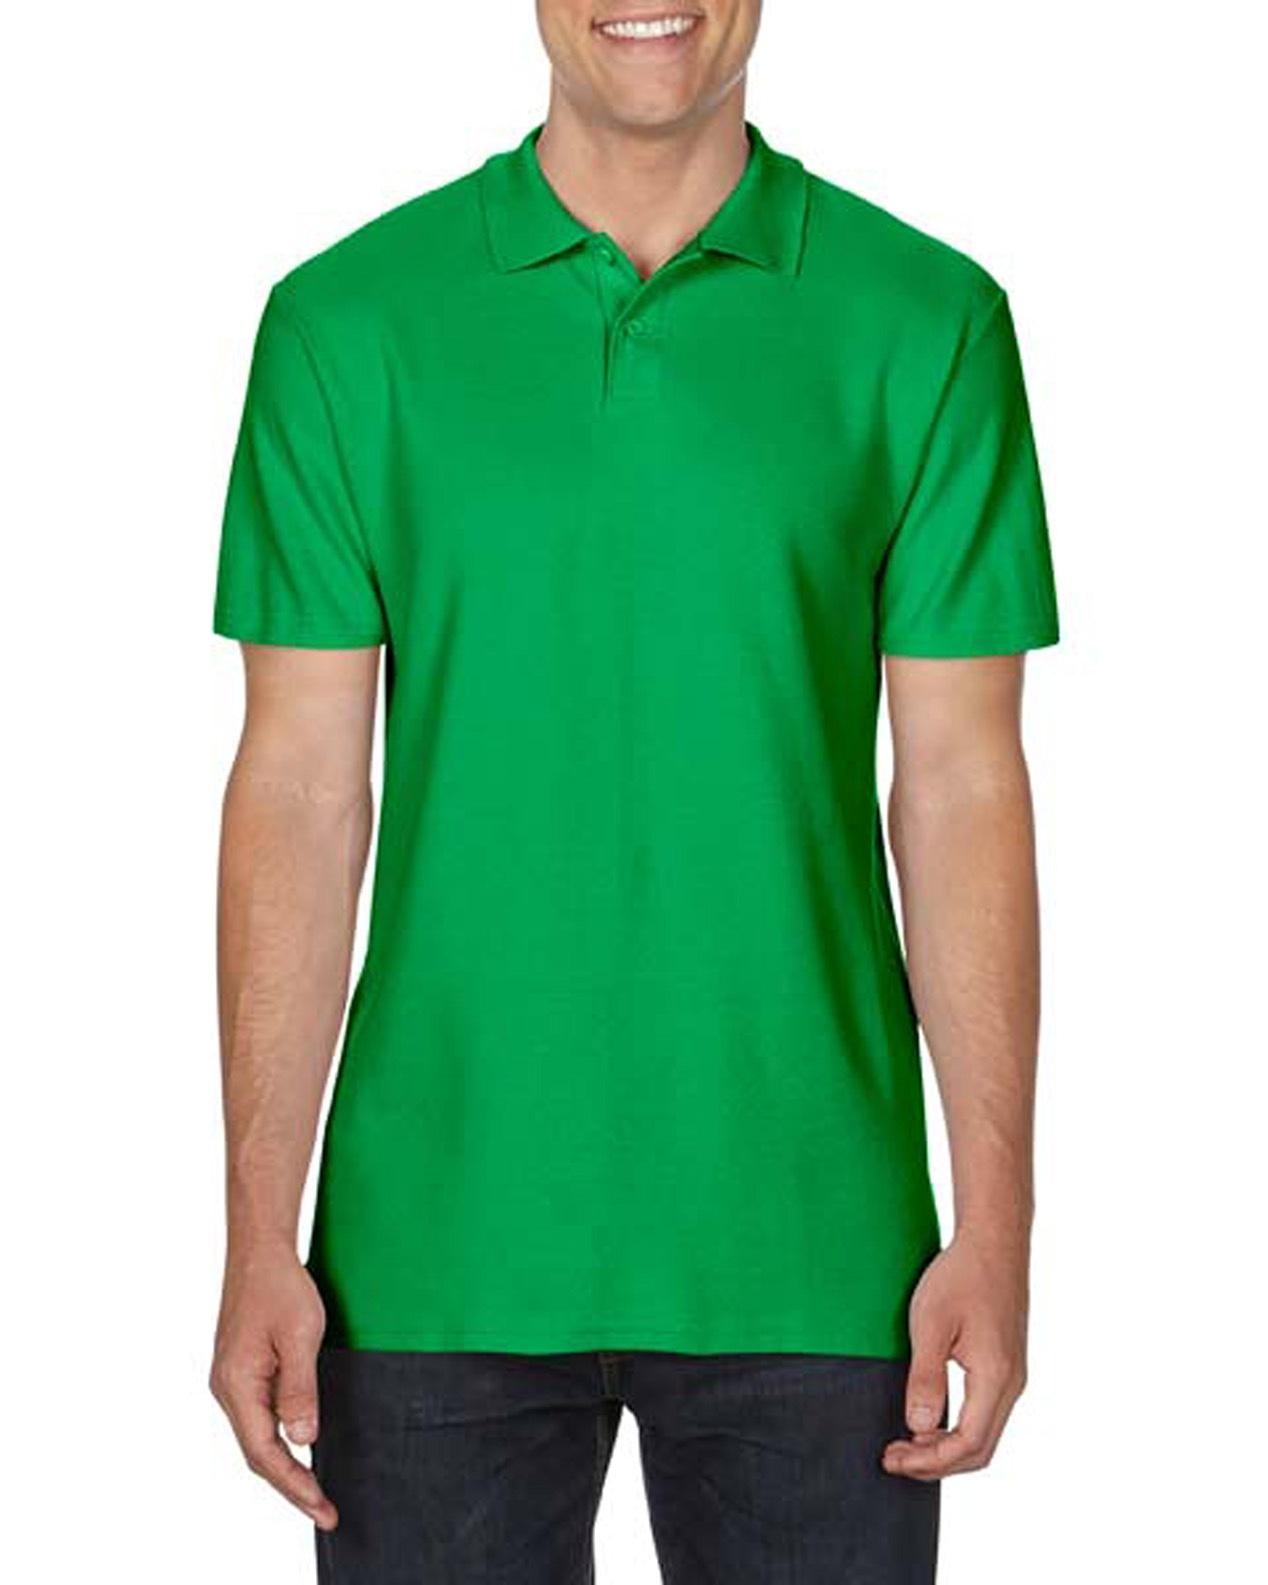 100 cotton Gildan polo shirt irishgreen